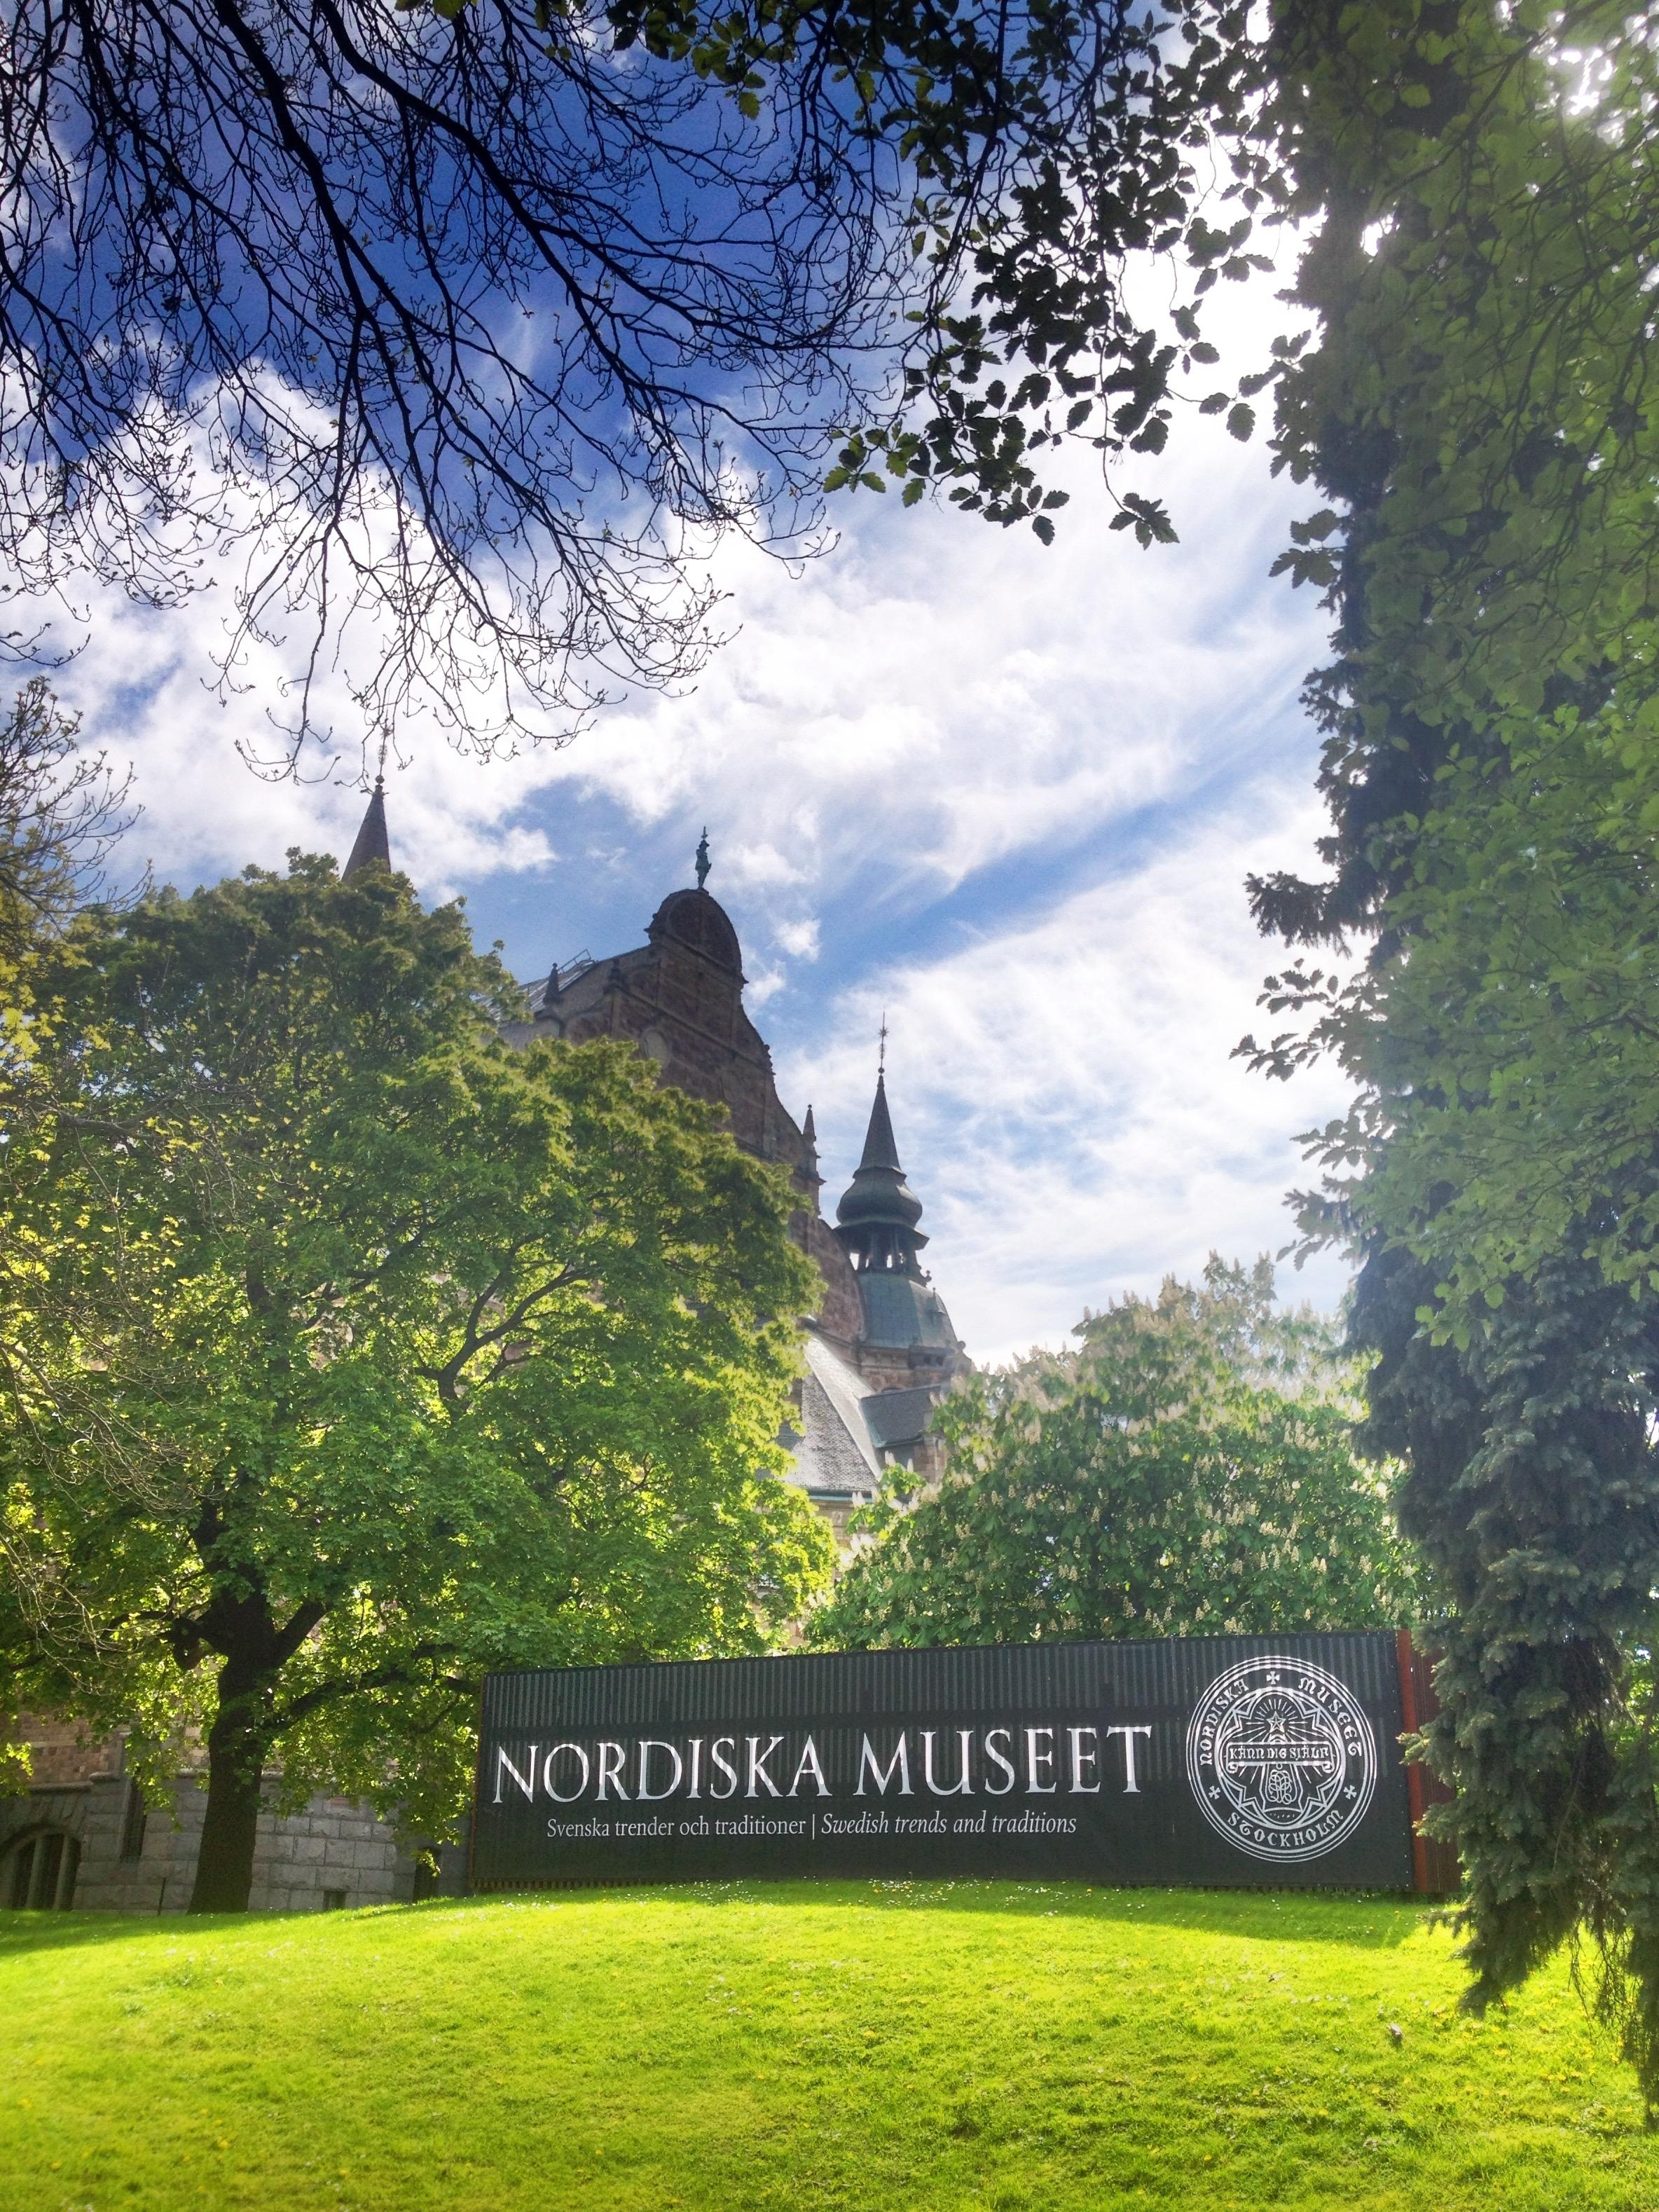 Nordiska museet - el Museo Nórdico de Estocolmo - Foto: Israel Úbeda / sweetsweden.com